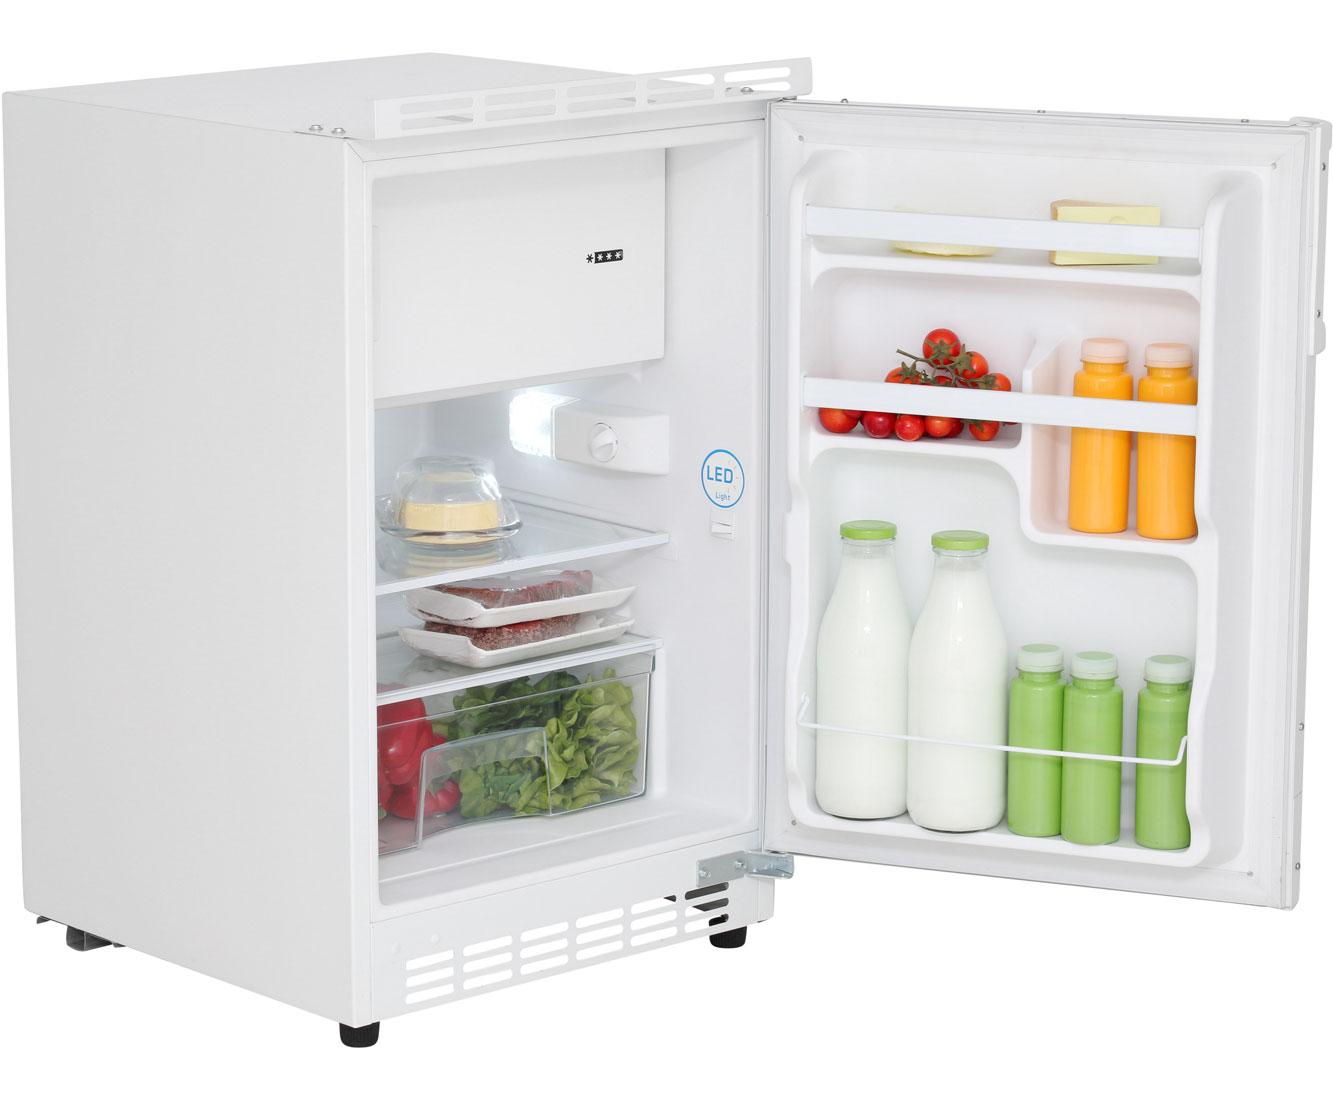 Amica Kühlschrank Mit Gefrierfach : Amica uks unterbau kühlschrank mit gefrierfach er nische